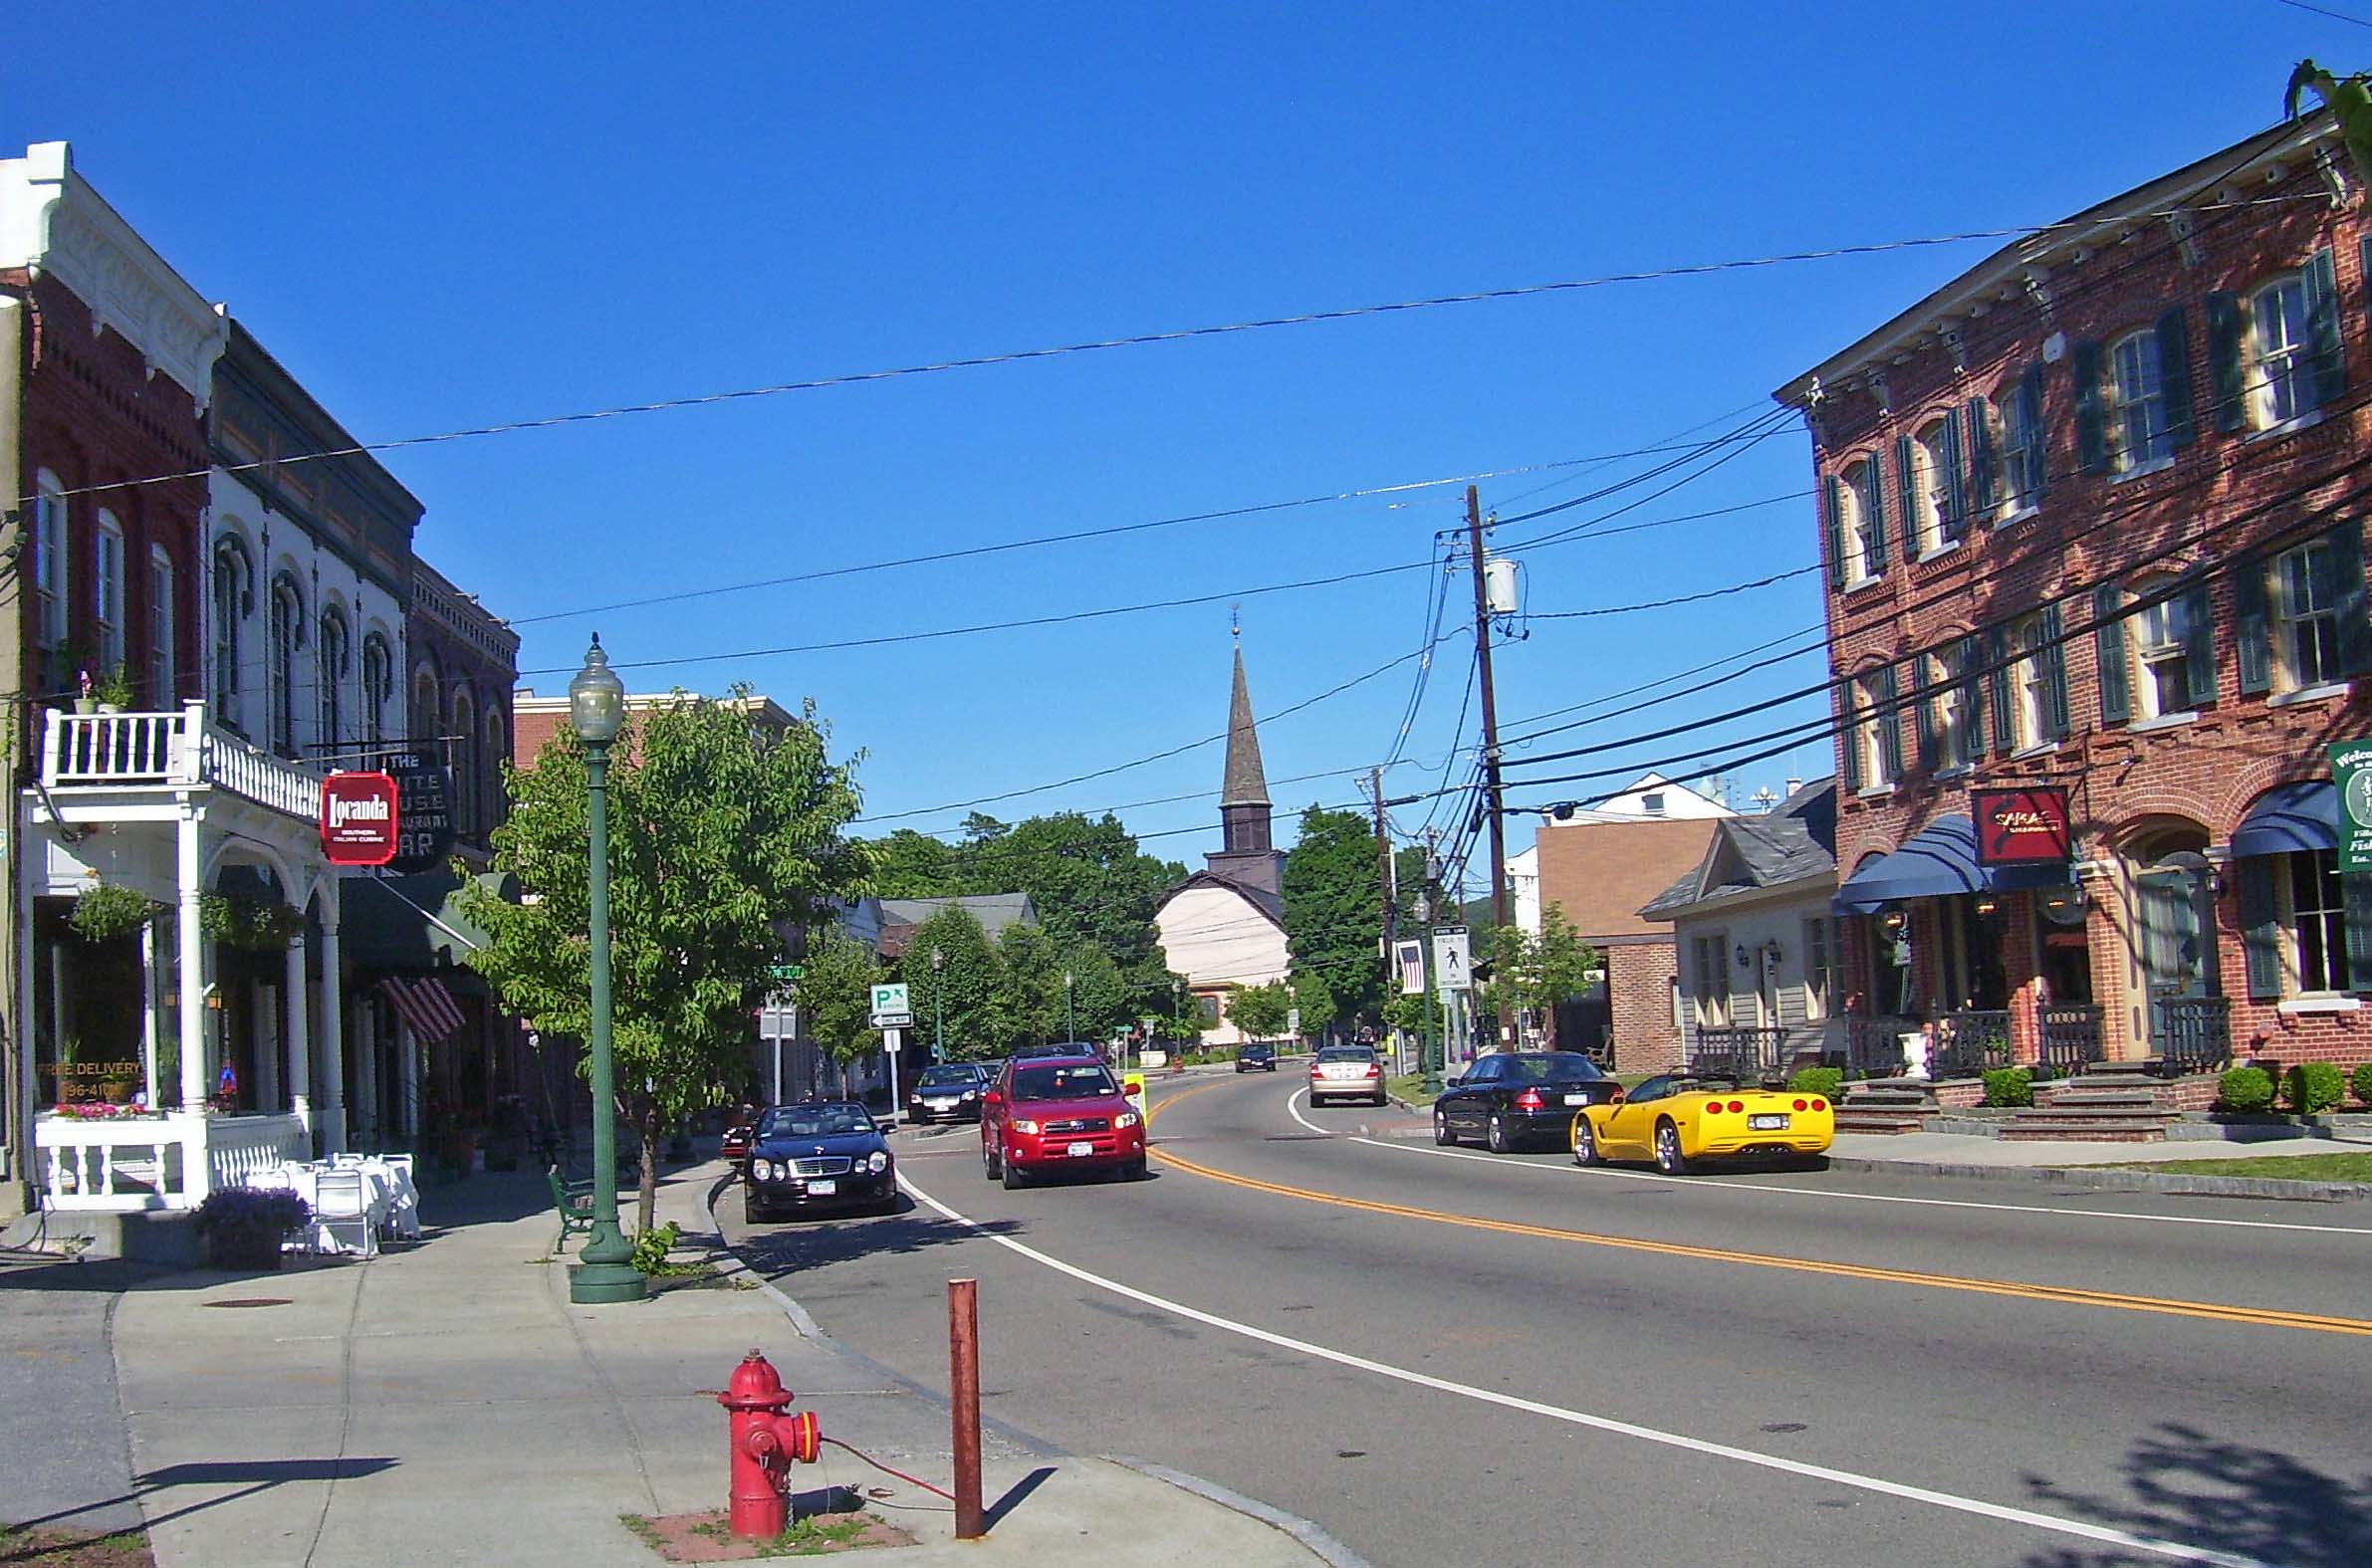 Town. Downtown Fishkill, NYfishkill town